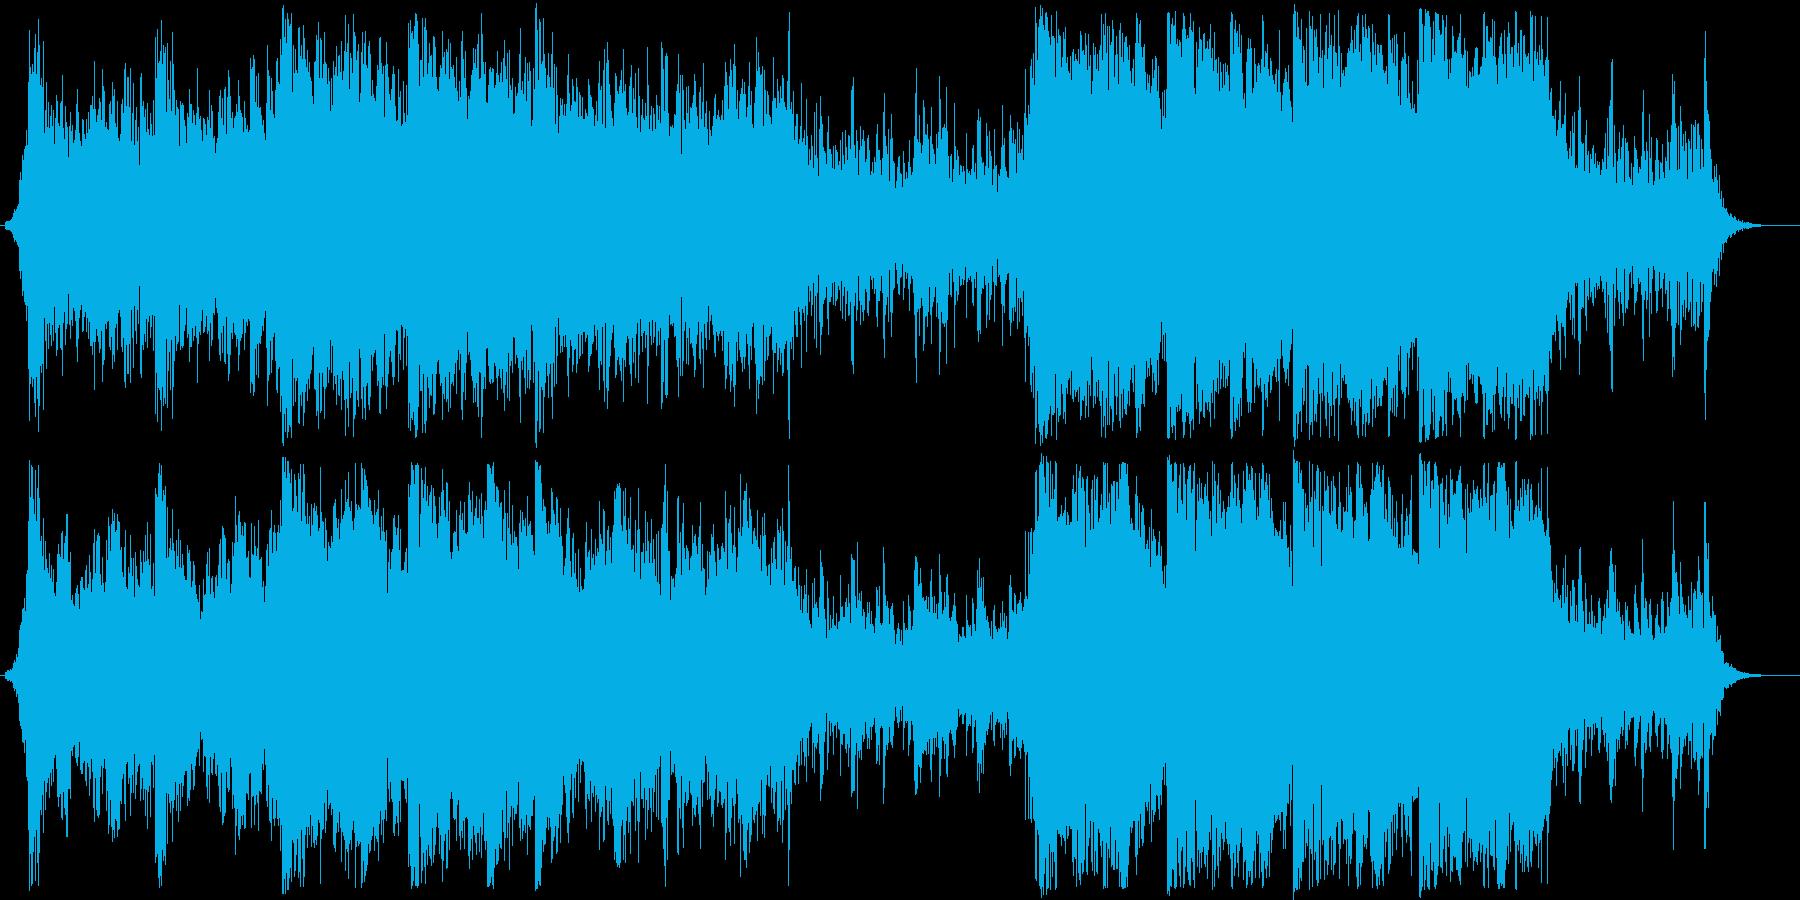 ハリウッド風バトル曲の再生済みの波形